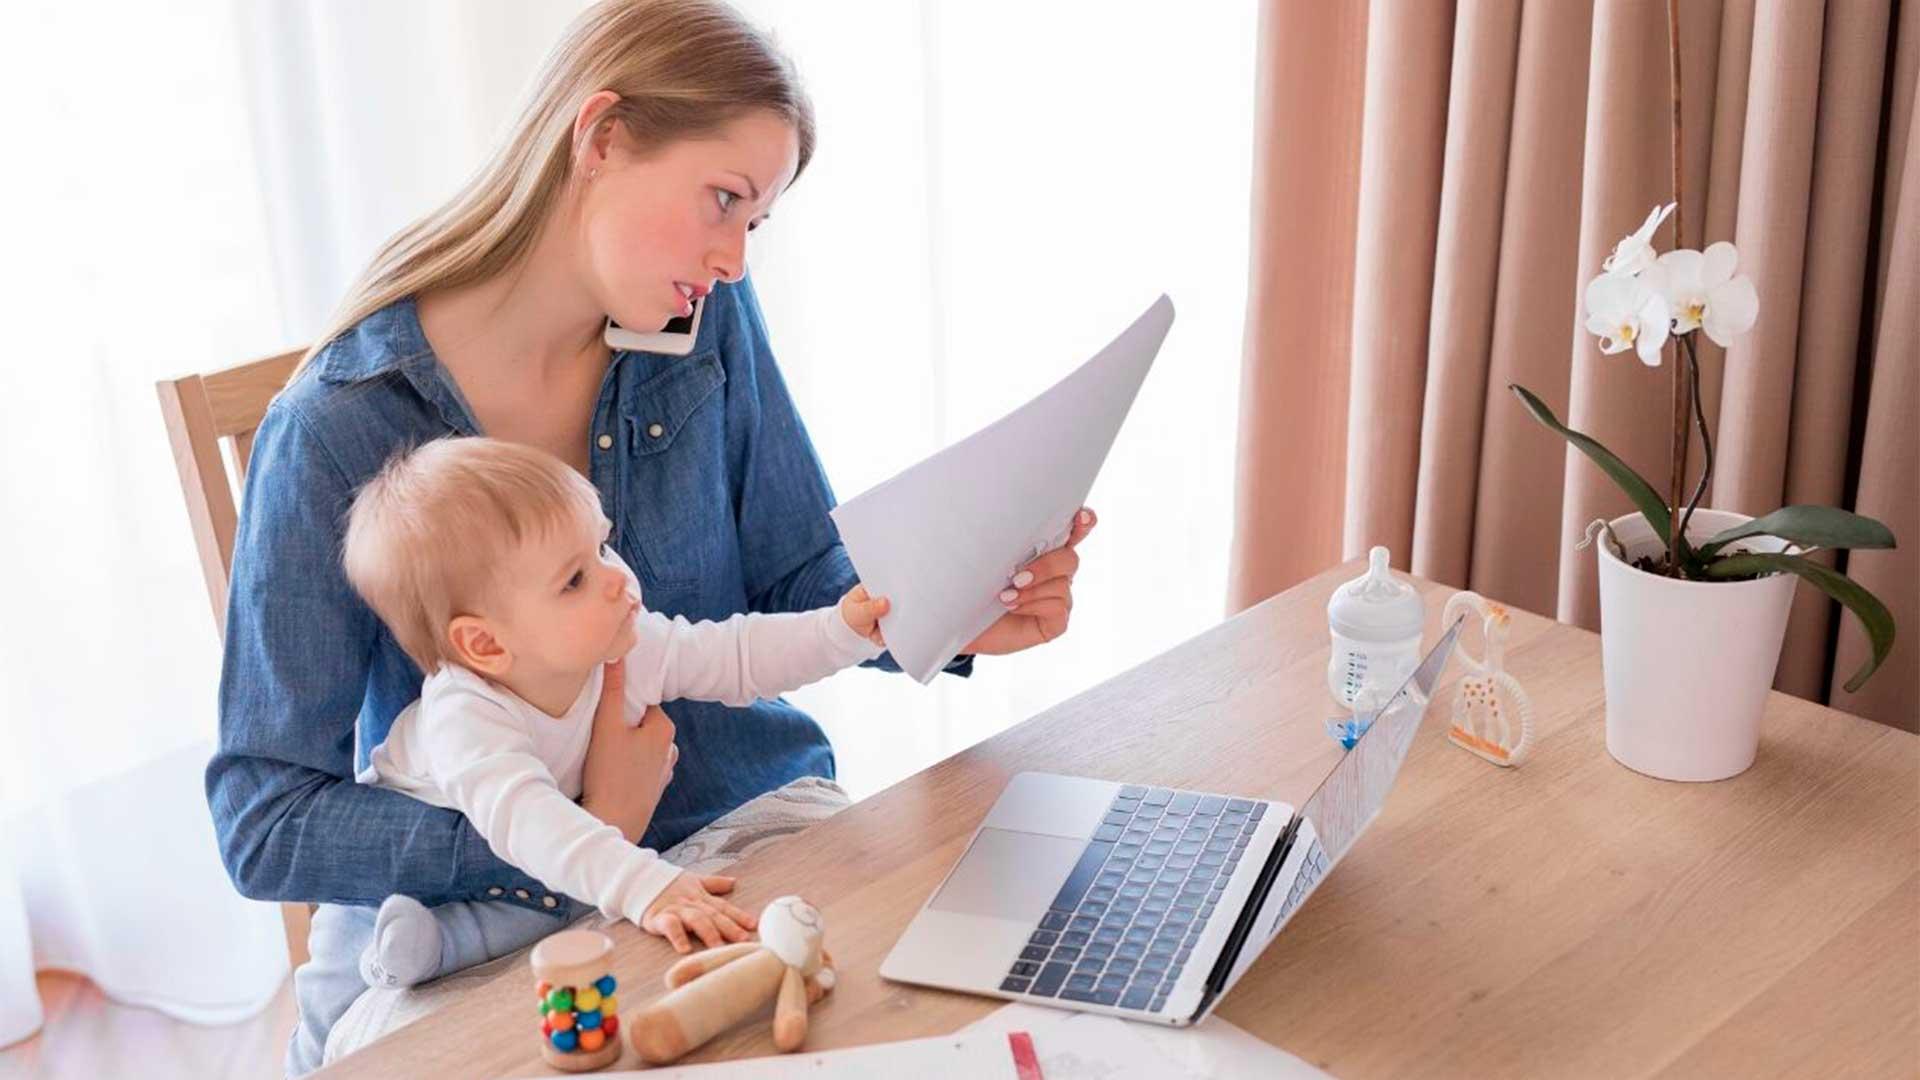 Auditoria conciliació familiar